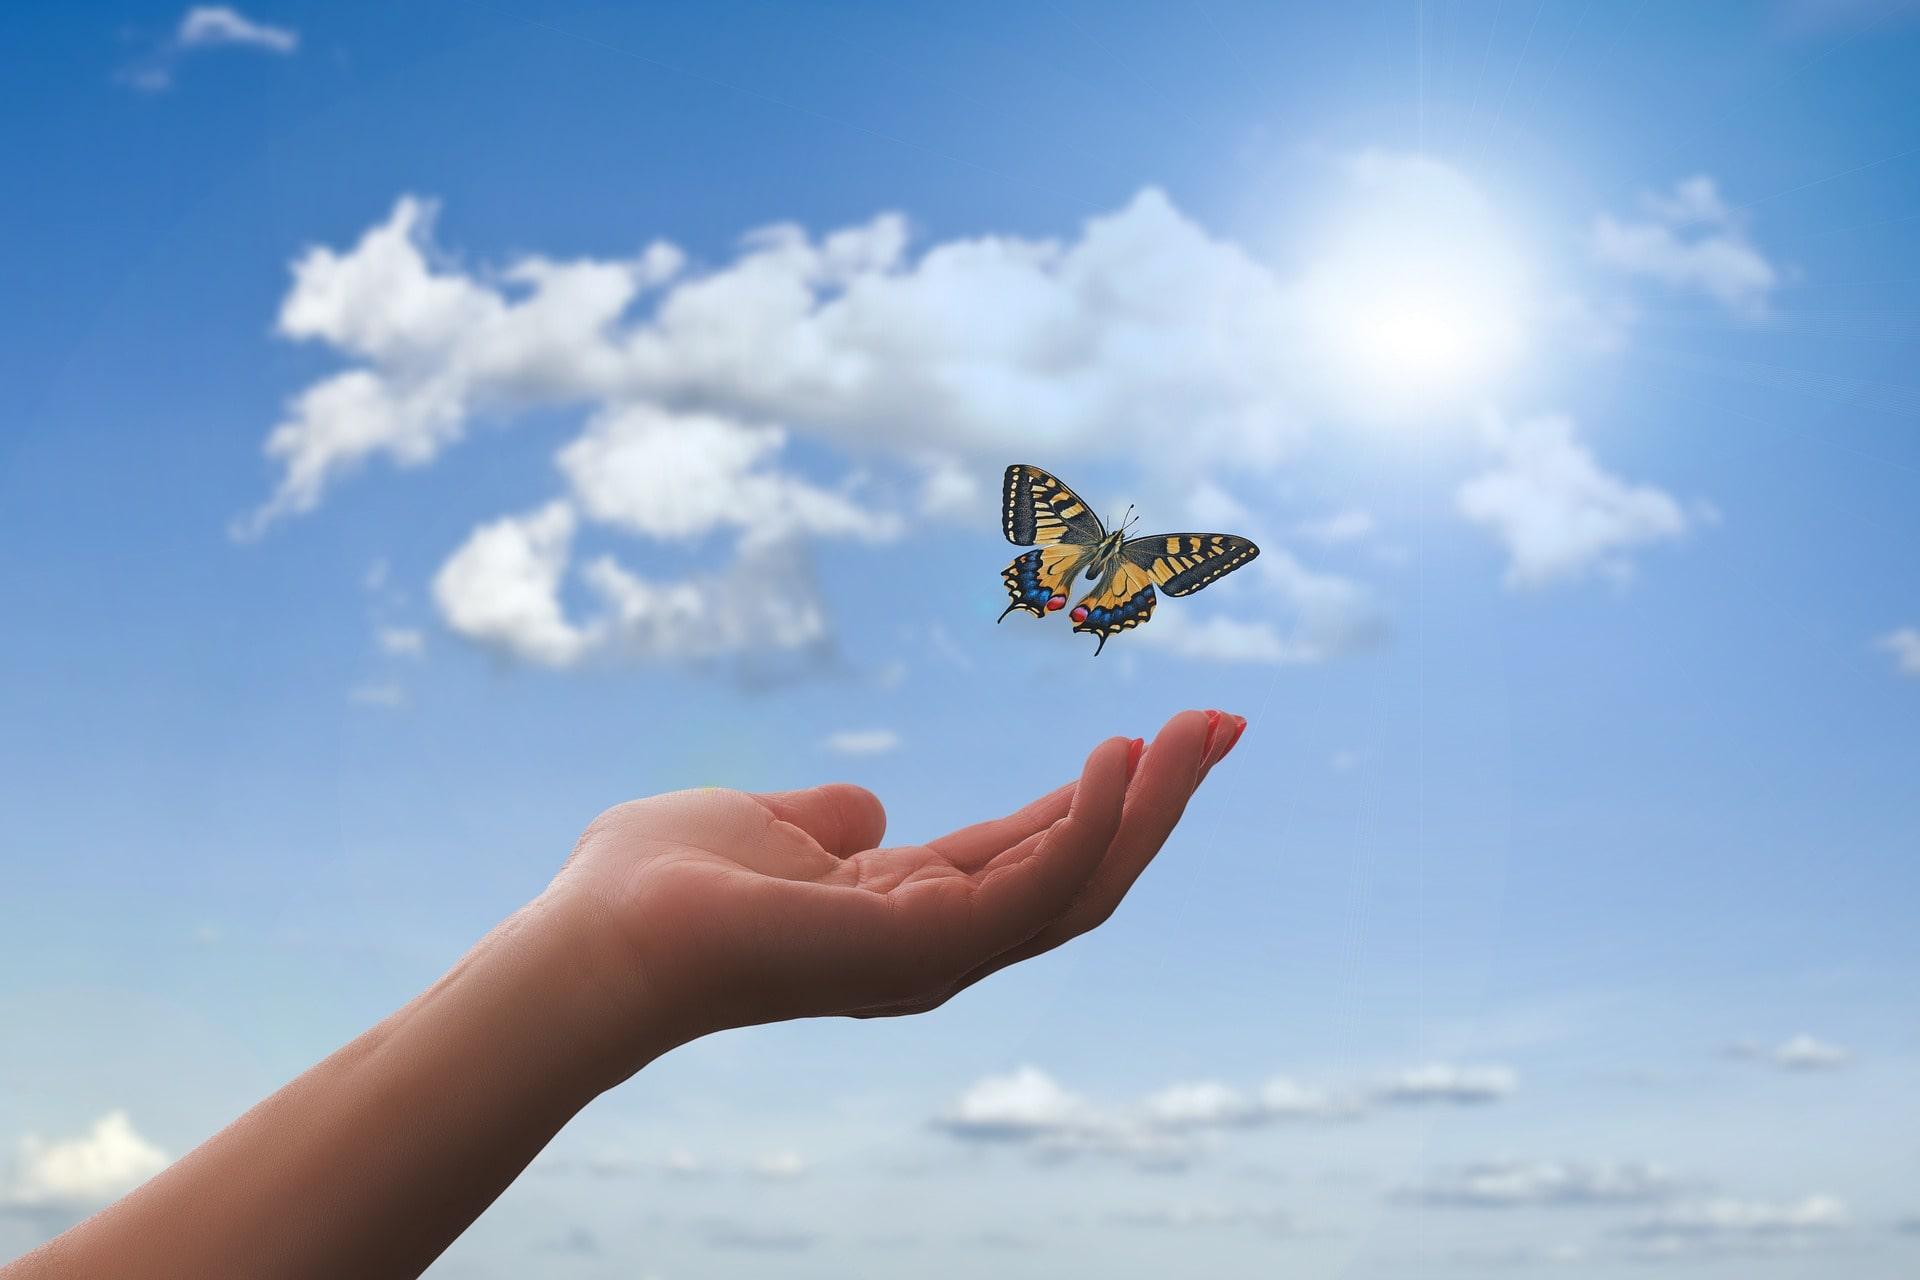 changer de vie main papillon envol